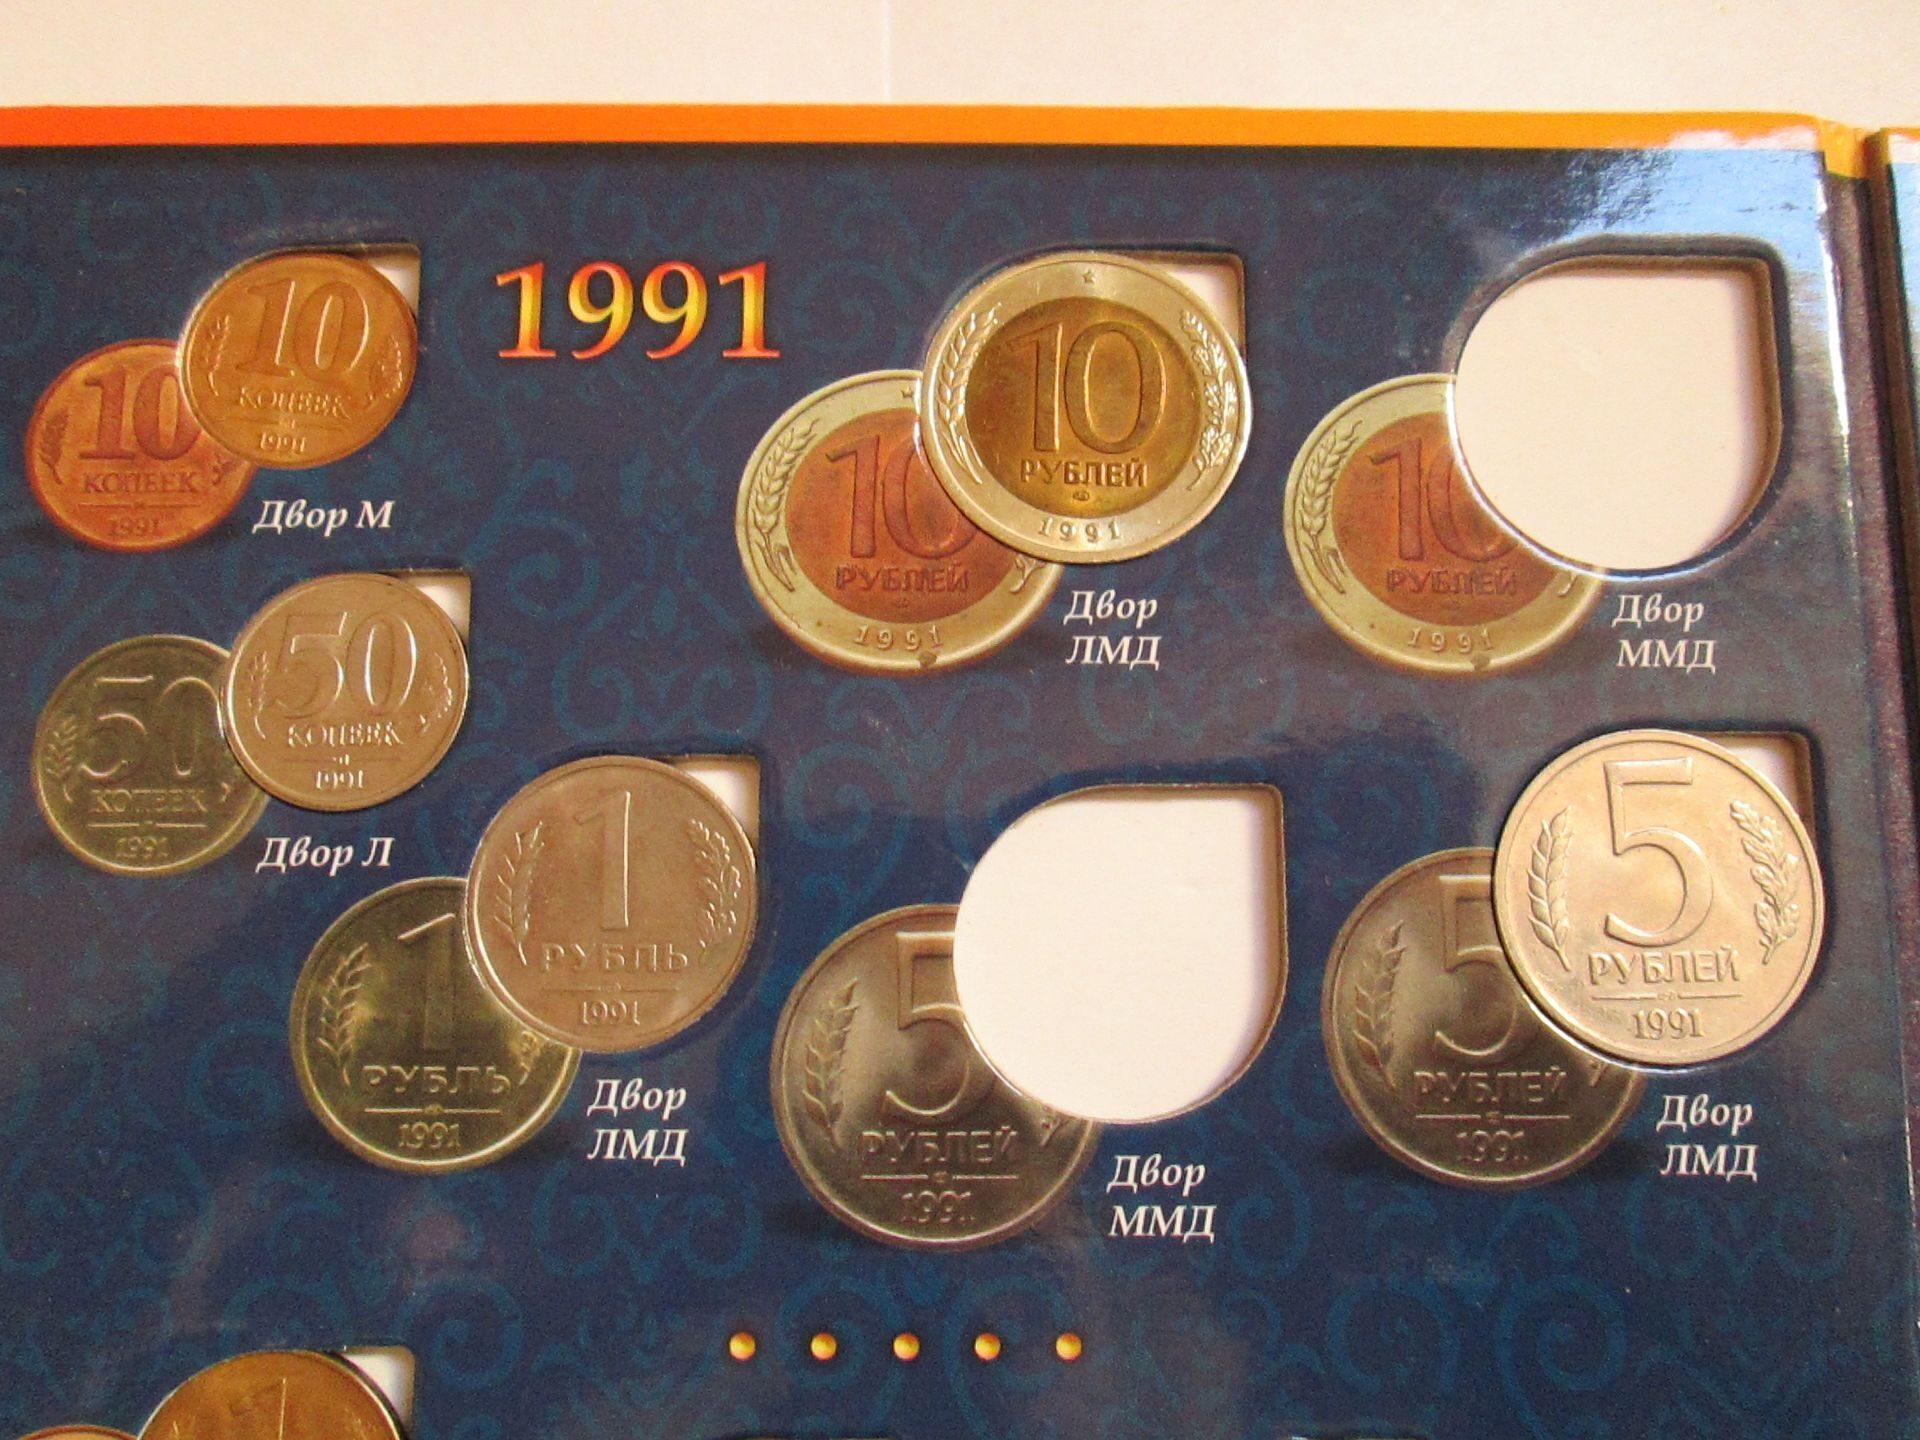 Регулярного чекана 1991 ценные монеты россии 50 рубль